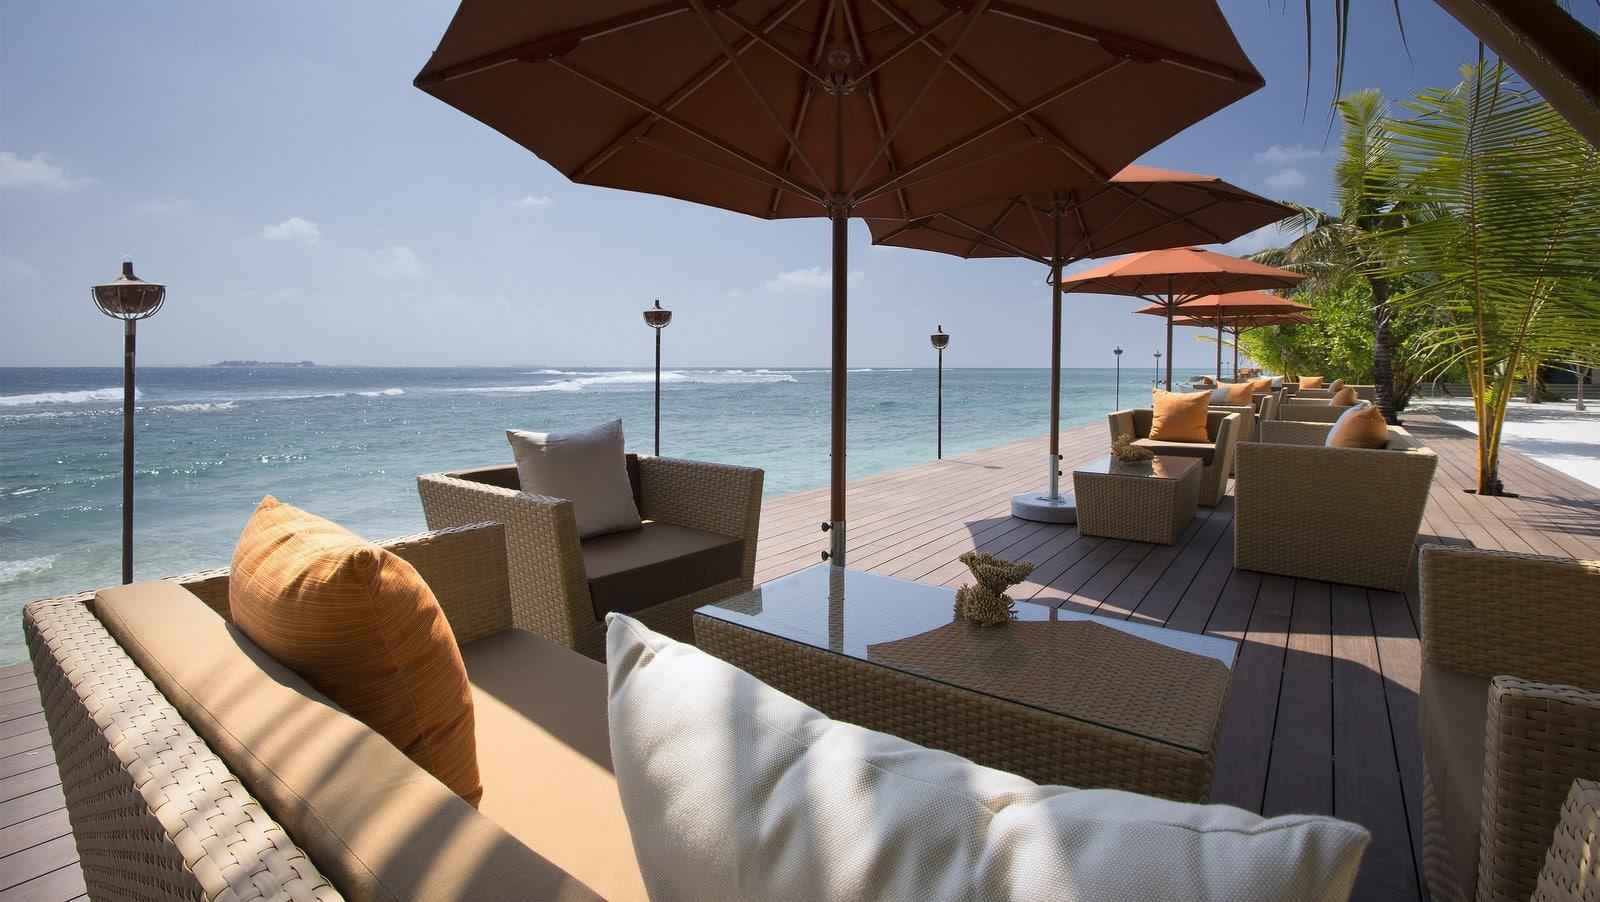 Мальдивы, отель Anantara Veli Resort, ресторан 73 Degrees